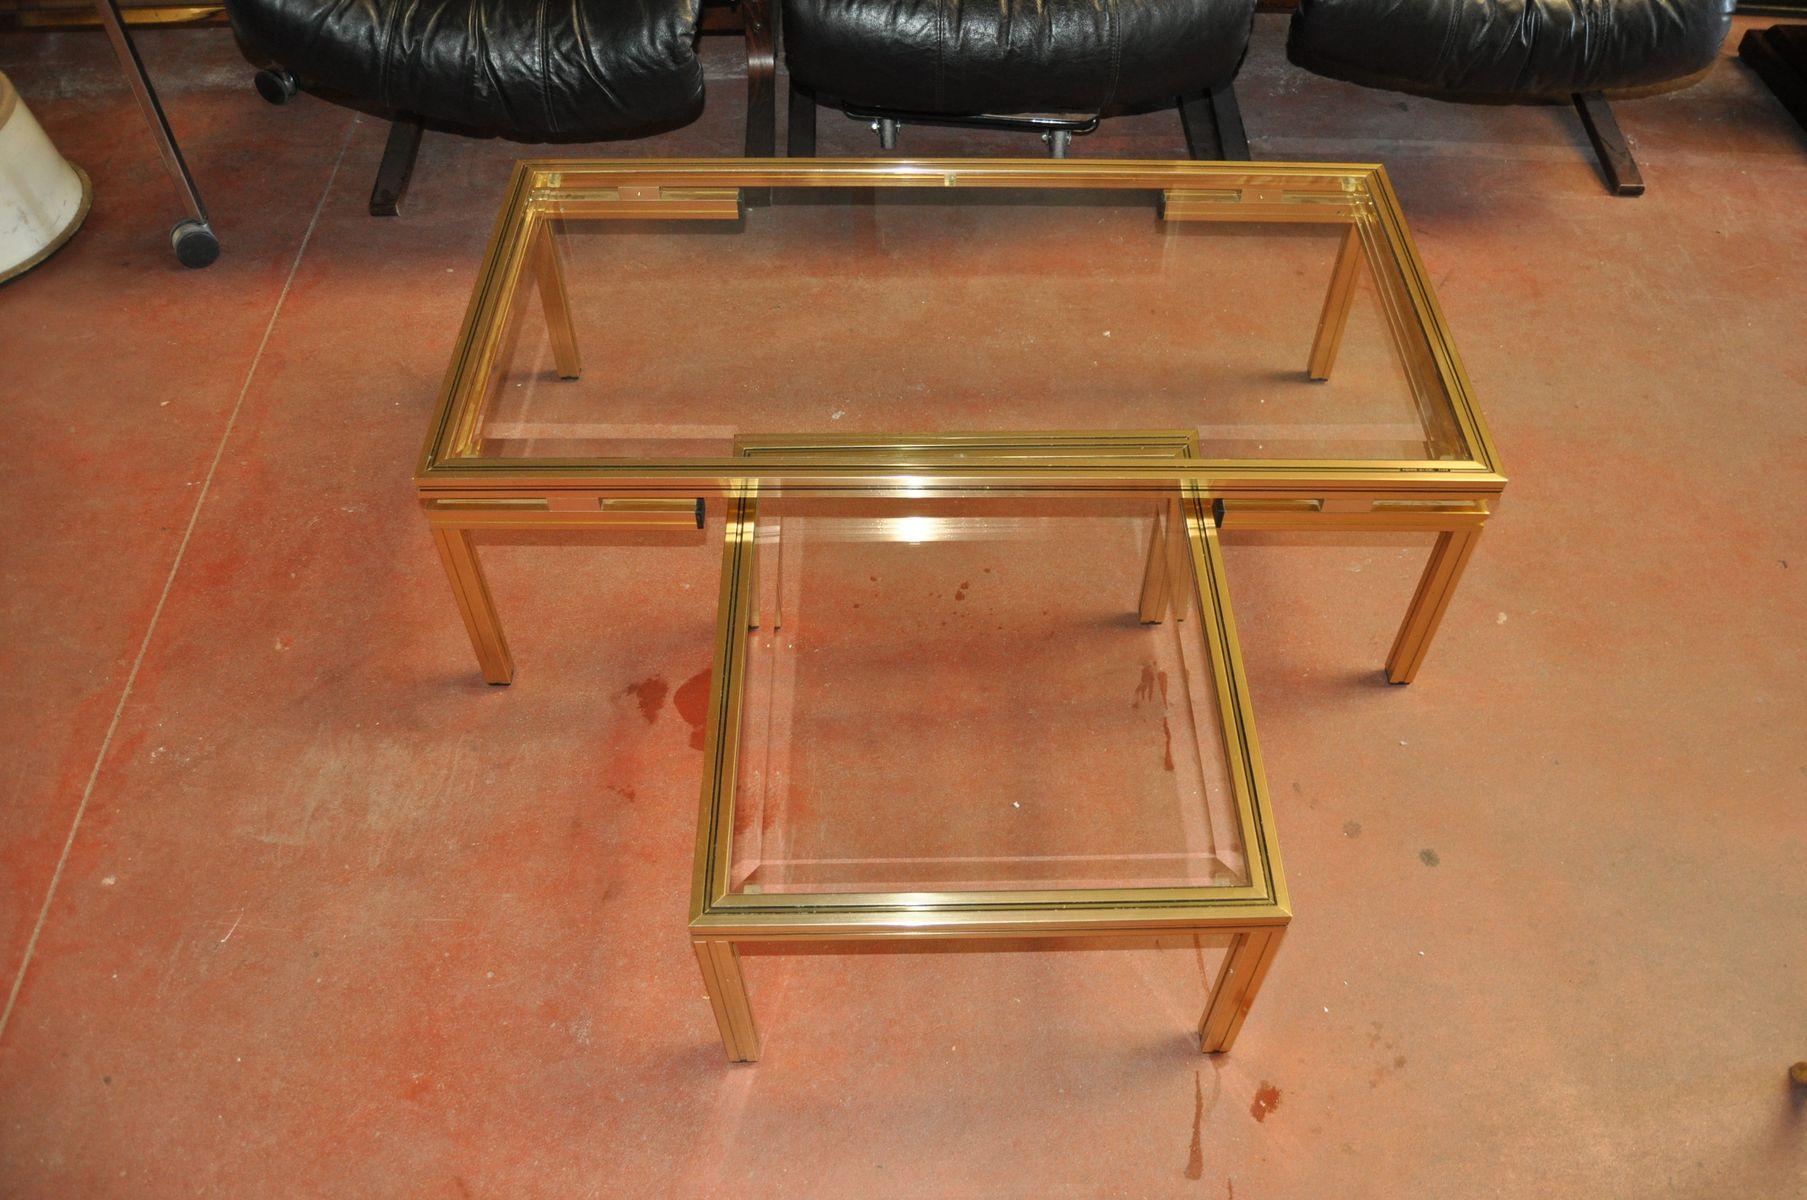 table basse vintage par pierre vandel france en vente sur pamono. Black Bedroom Furniture Sets. Home Design Ideas